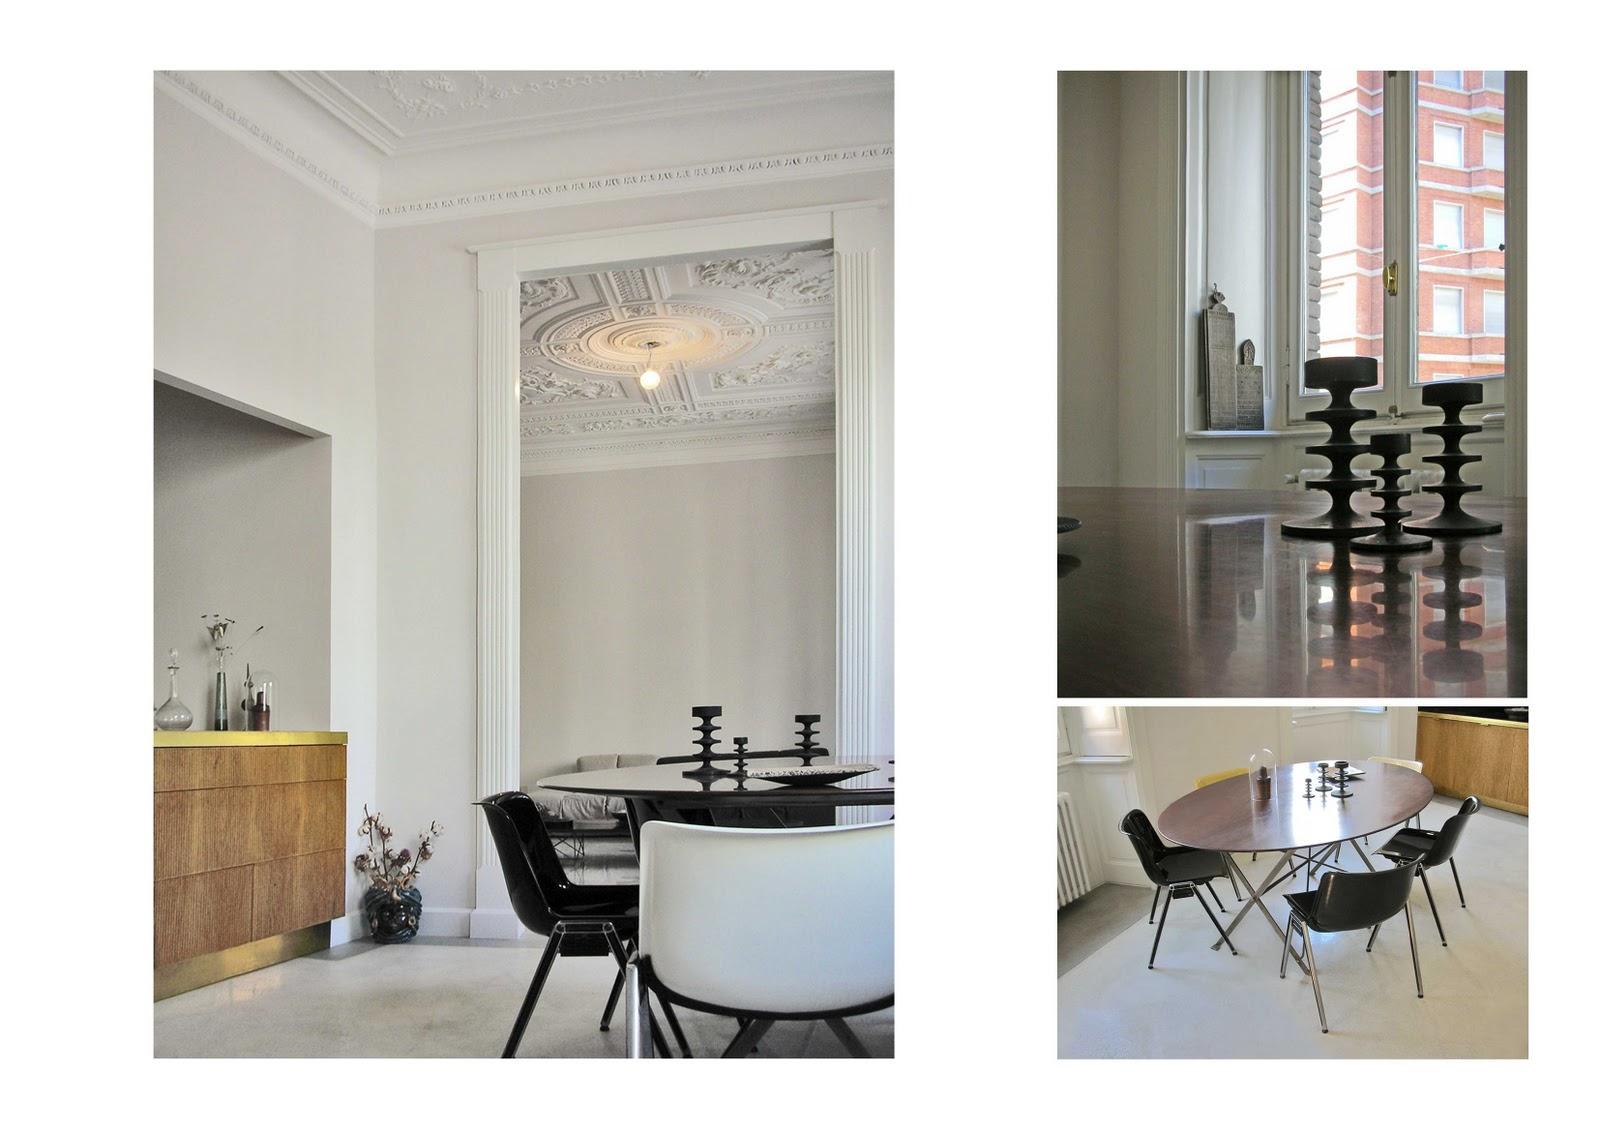 Abitazione privata adriano silvia interior design by for Abitazione design